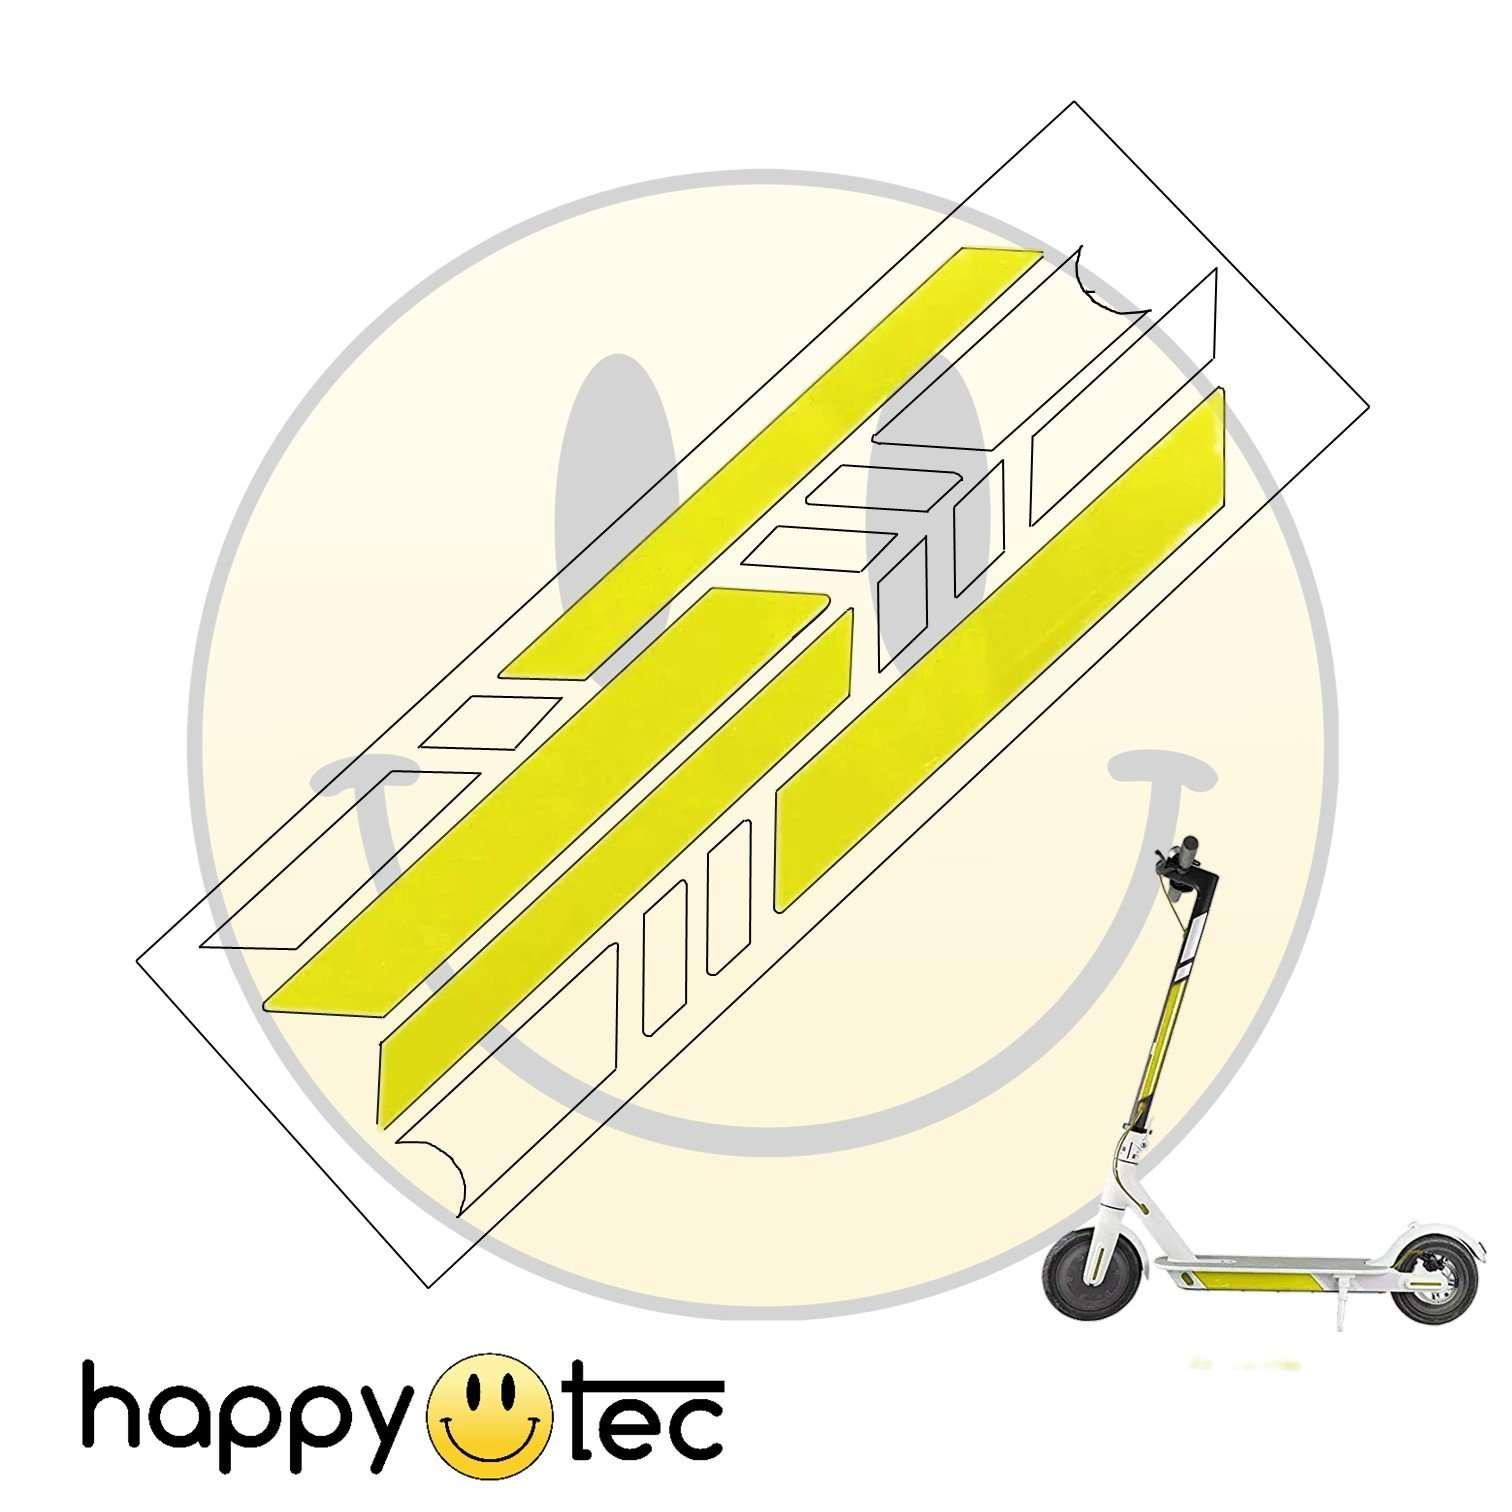 Sticker adesivi catarifrangenti giallo-argento per Xiaomi e cloni V2